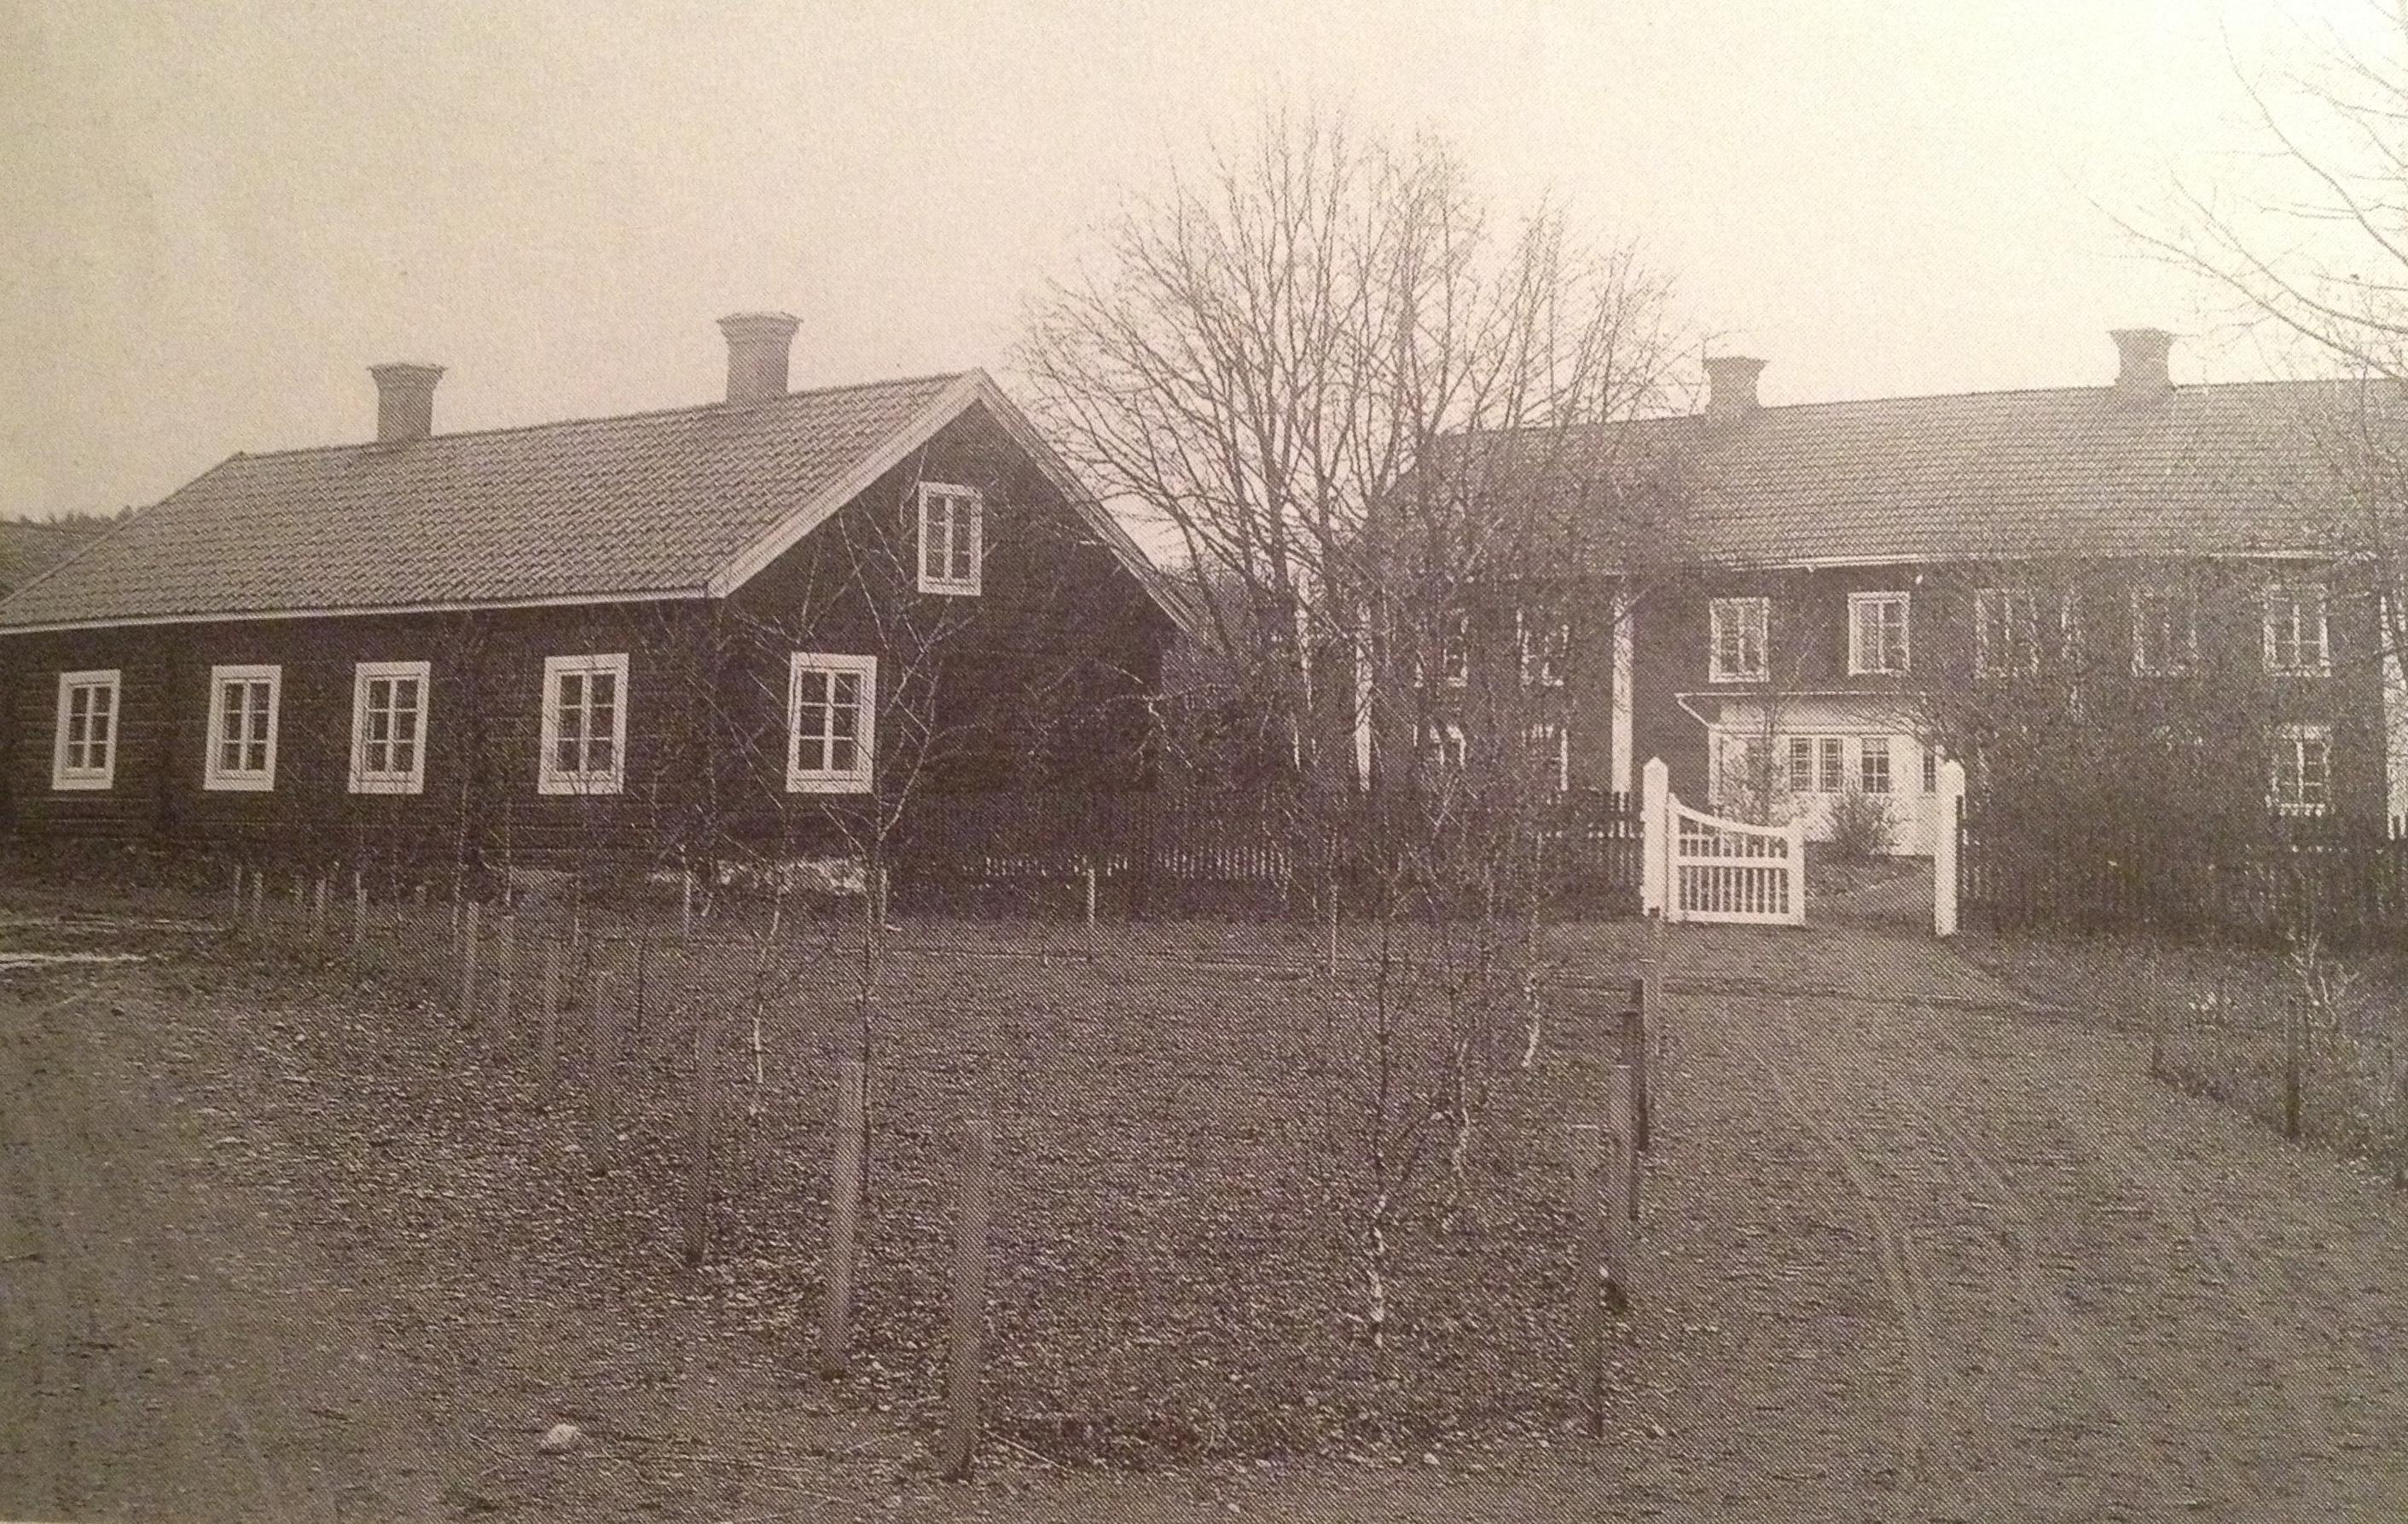 """""""Sockenstugan och Prostgården omkr. 1915. Okänd fotograf."""" Ur """"Kyrkbyn i Älvdalen när seklet var ungt"""" av Helge Lindberg"""